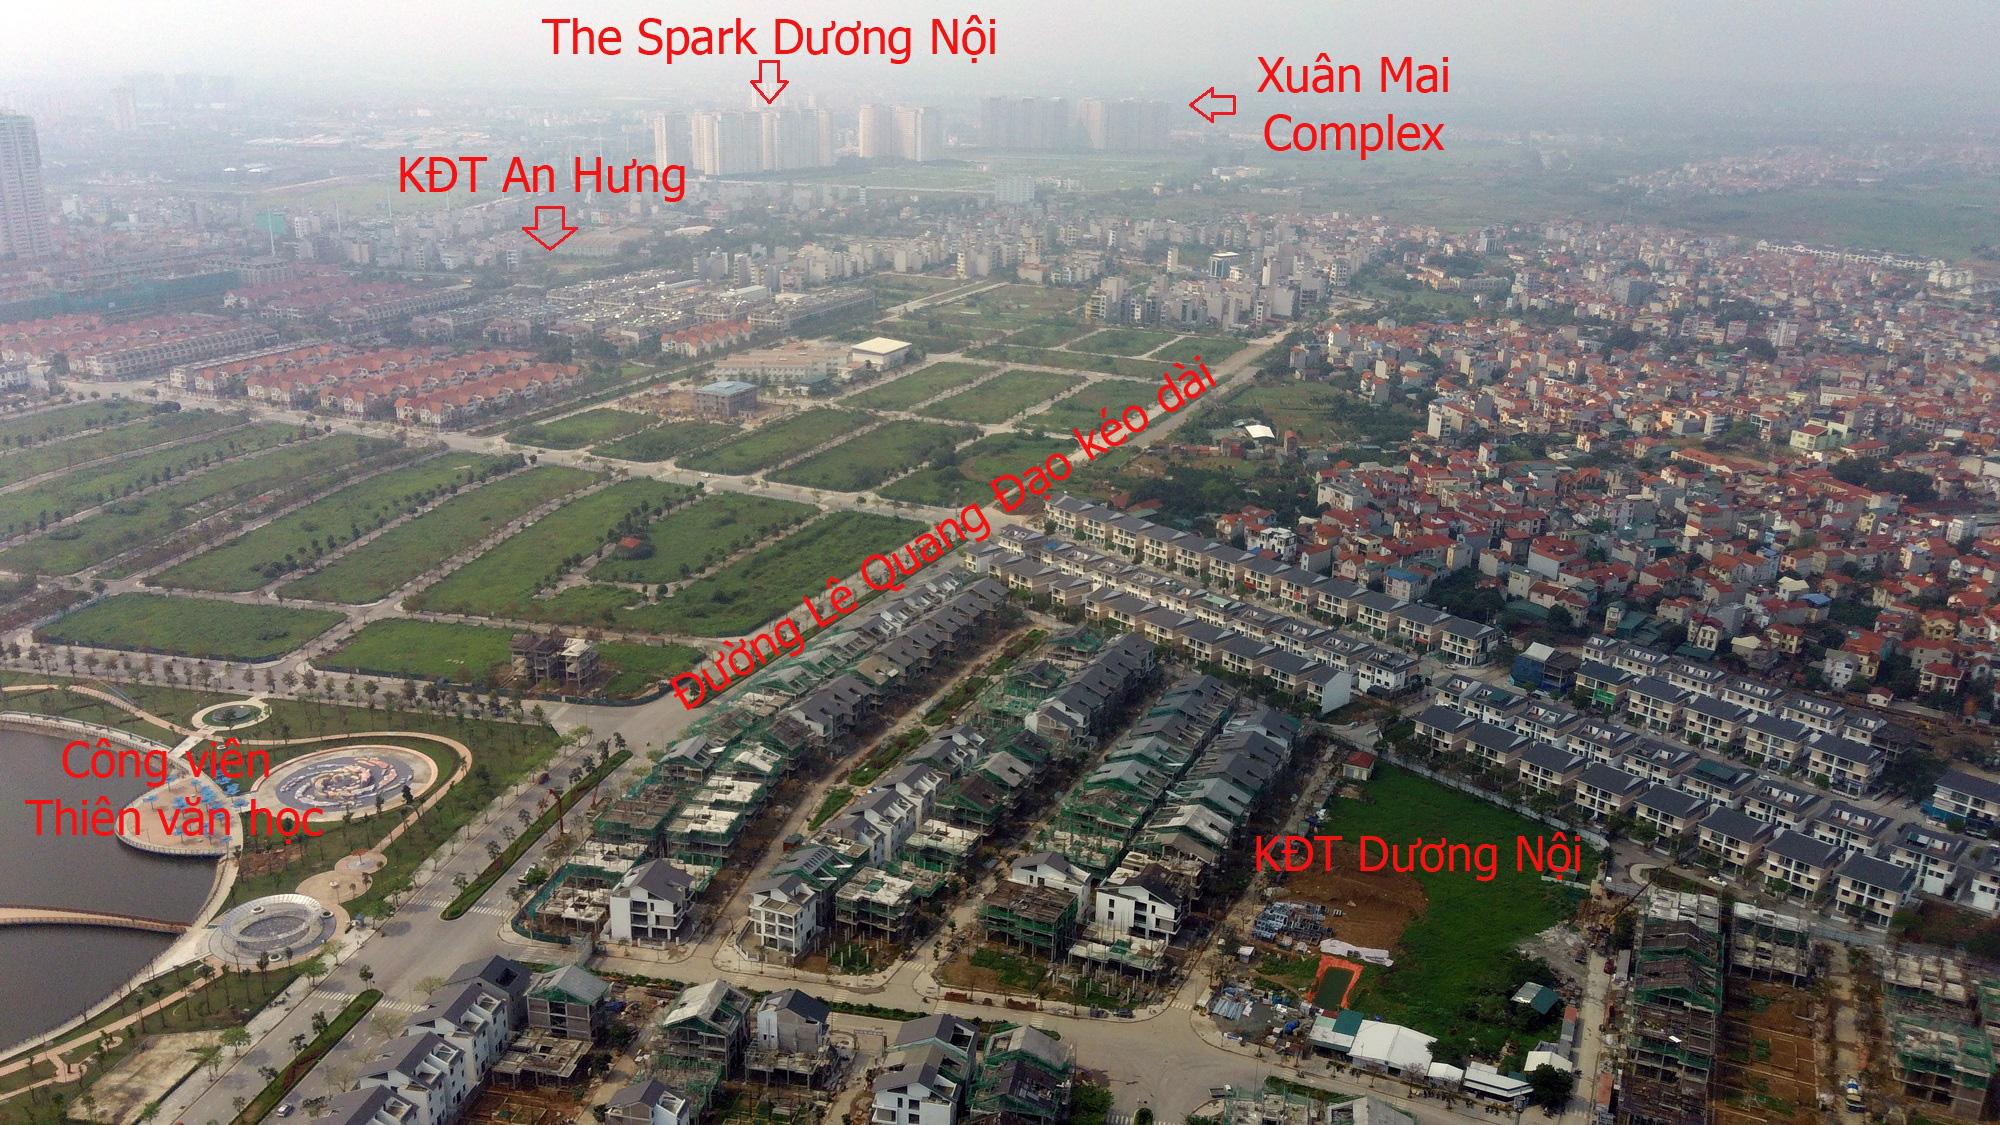 Những dự án hưởng lợi từ qui hoạch đường Lê Quang Đạo kéo dài - Ảnh 13.